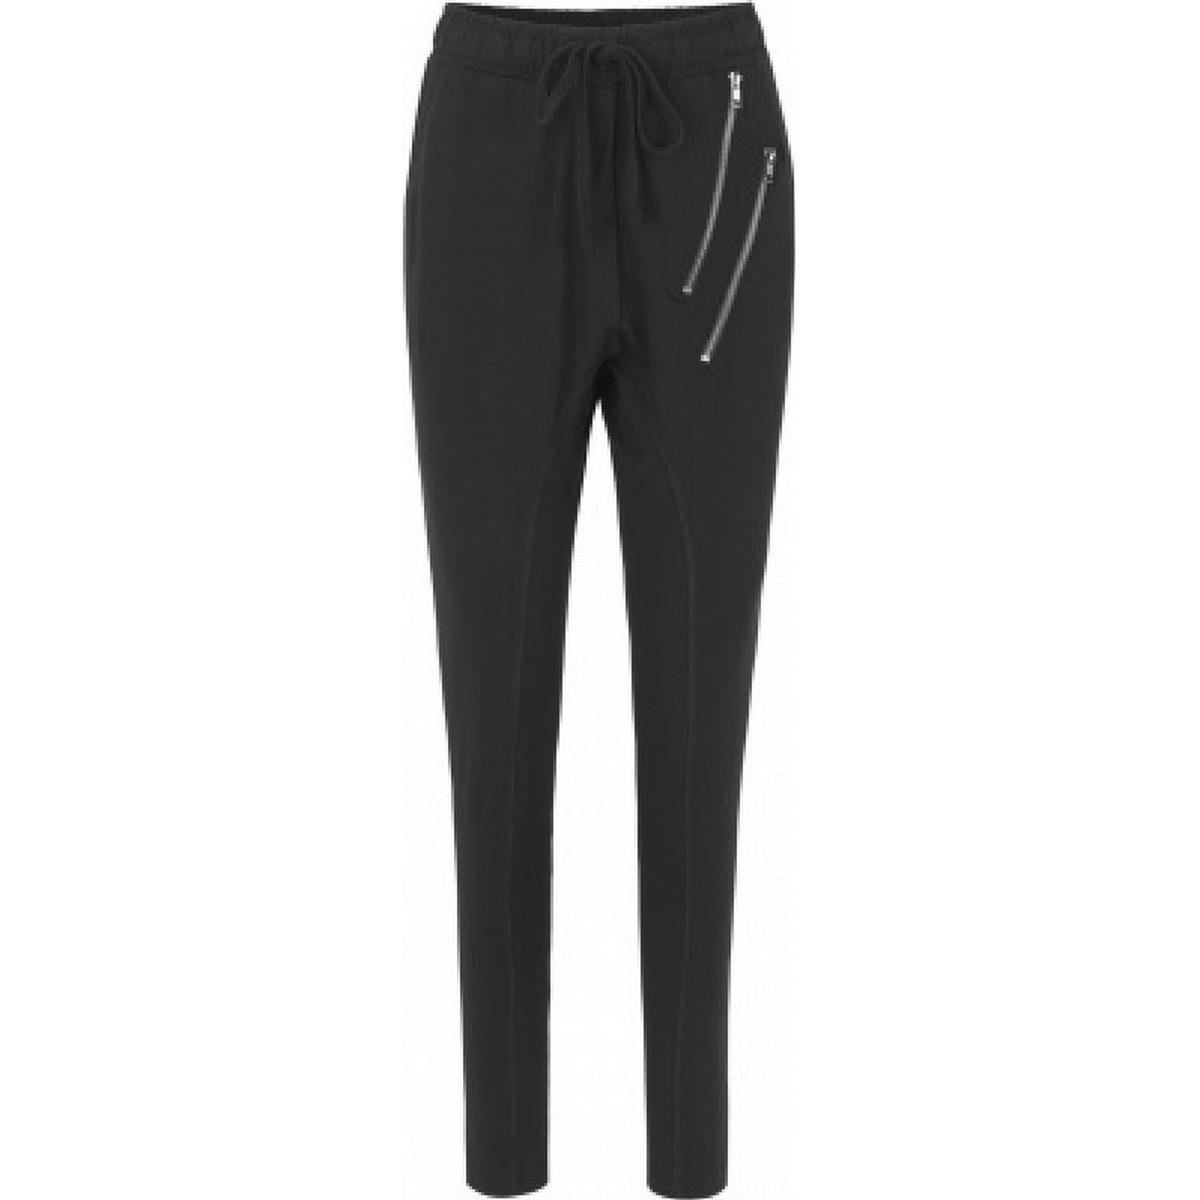 Joggingbukser Dametøj (1000+ produkter) hos PriceRunner • Se